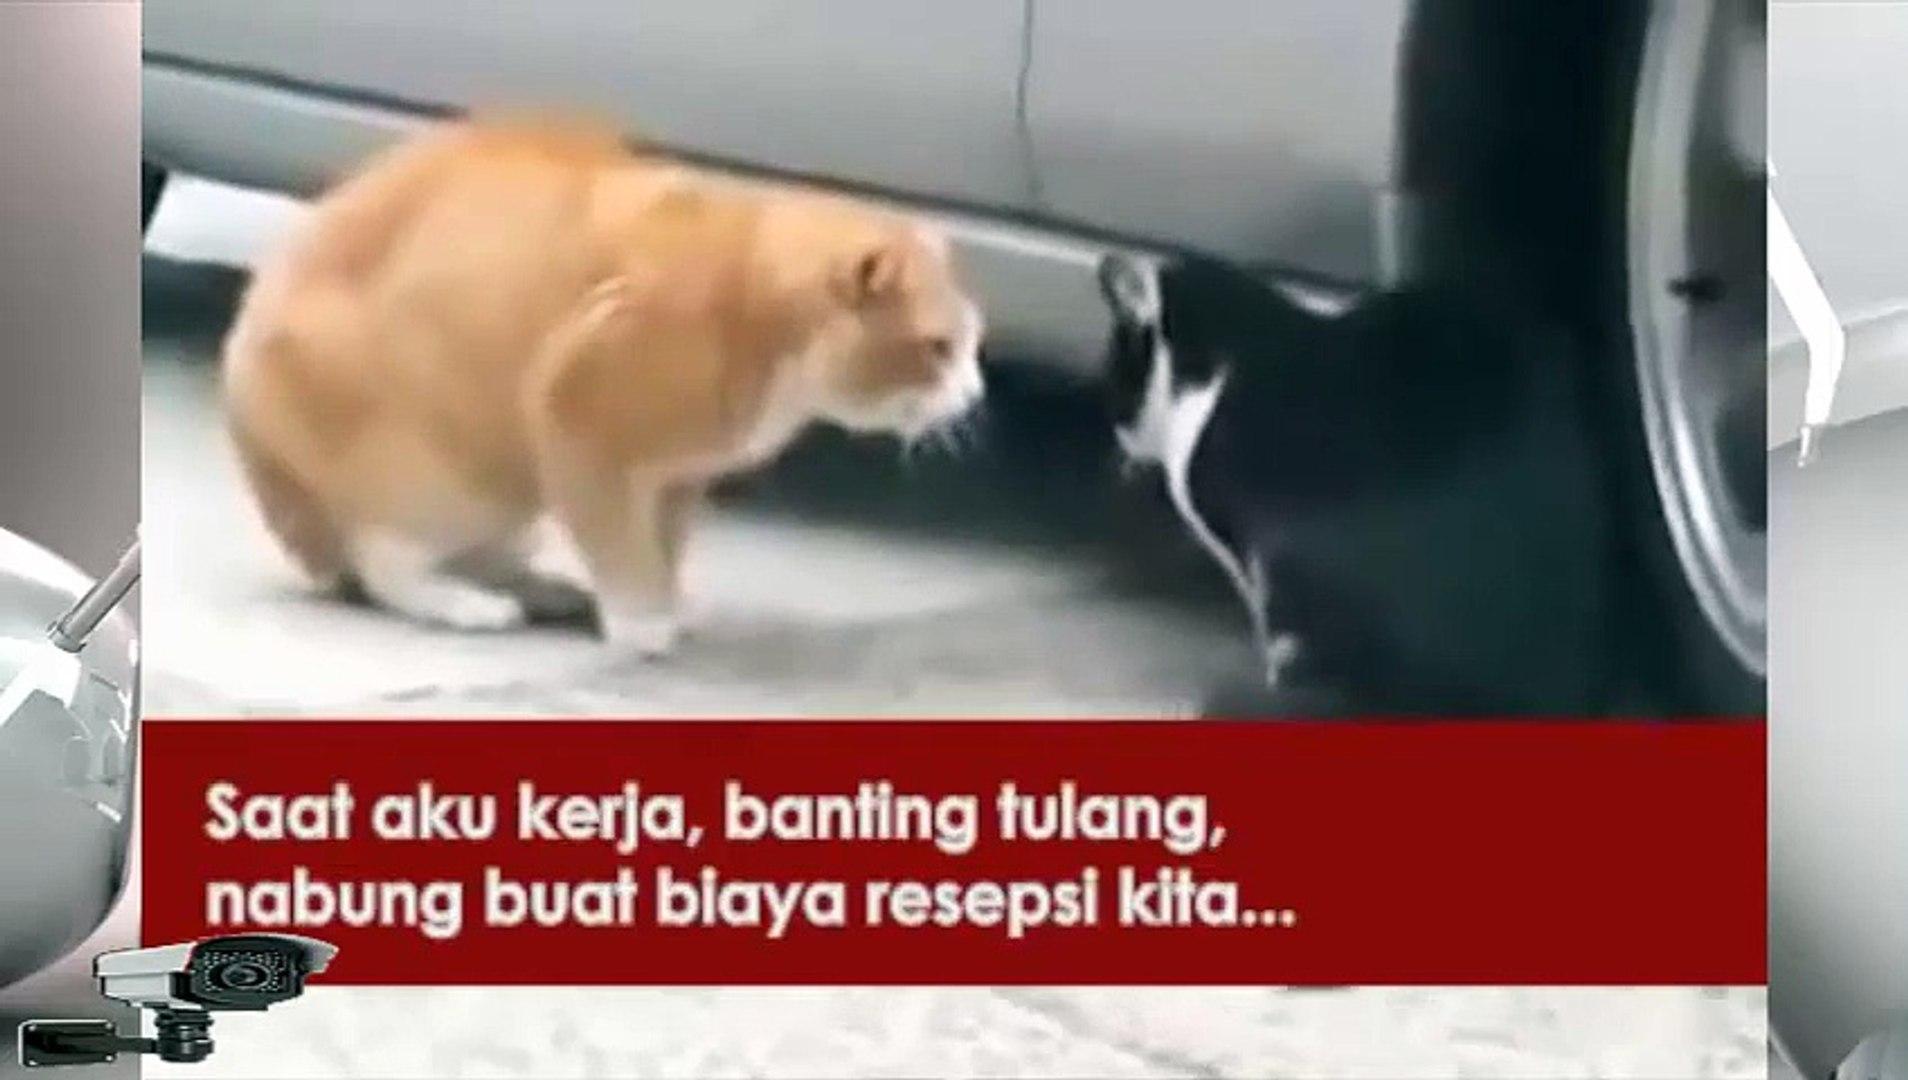 Kreatif Asli Ngakak Pertengkaran Kucing Pakai Terjemahan Indonesia